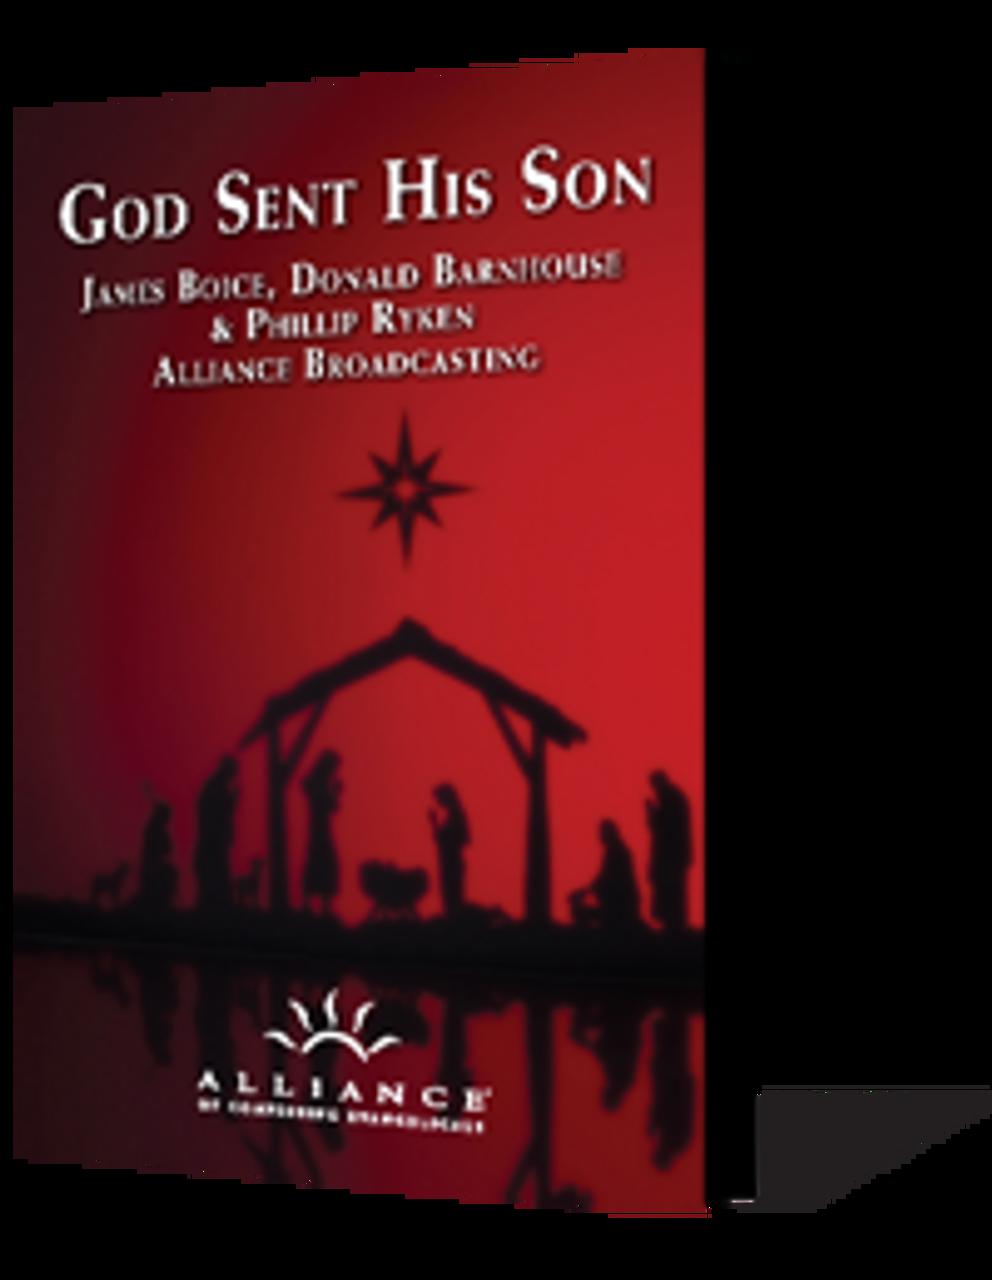 God Sent His Son (mp3 download Set)